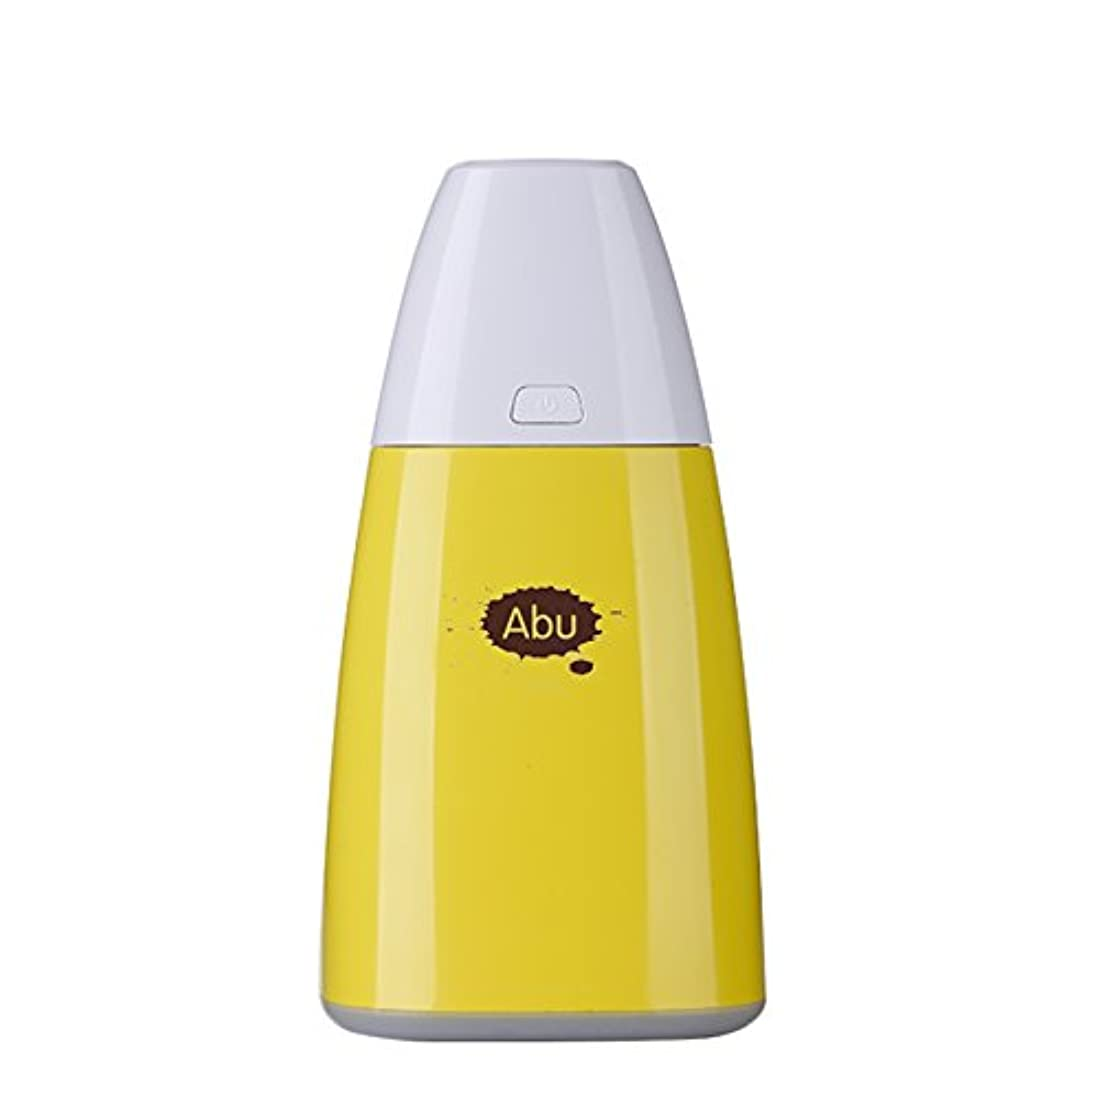 普遍的な受粉者重々しいRakuby 250ml USBポータブル アロマ セラピーエッセンシャルオイル ディフューザー ミニ 超音波 クールミスト加湿器 カラフル LEDライト ホームオフィス 寝室用